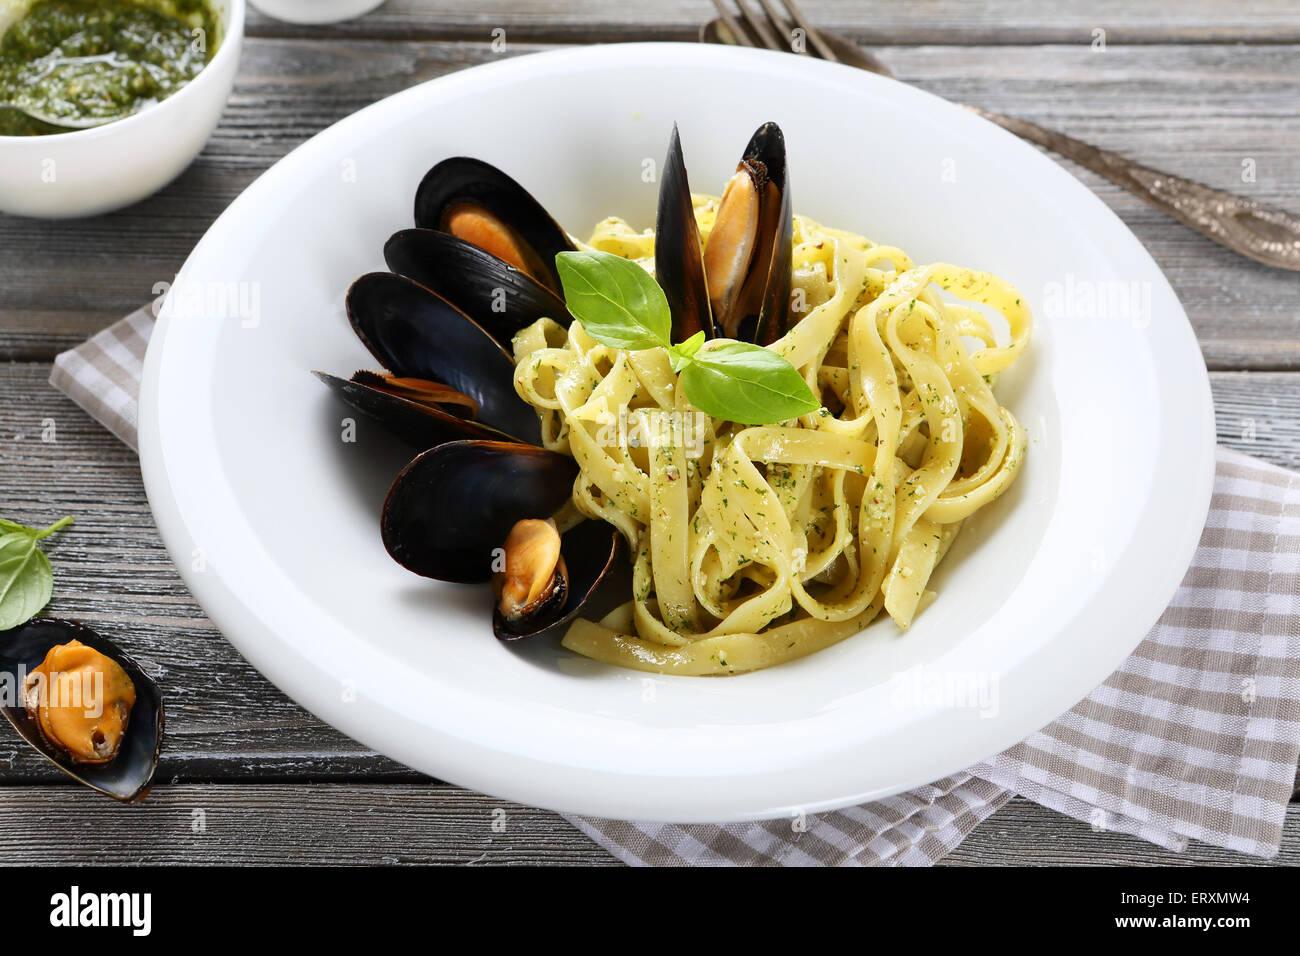 Pasta con marisco fresco, comida Imagen De Stock